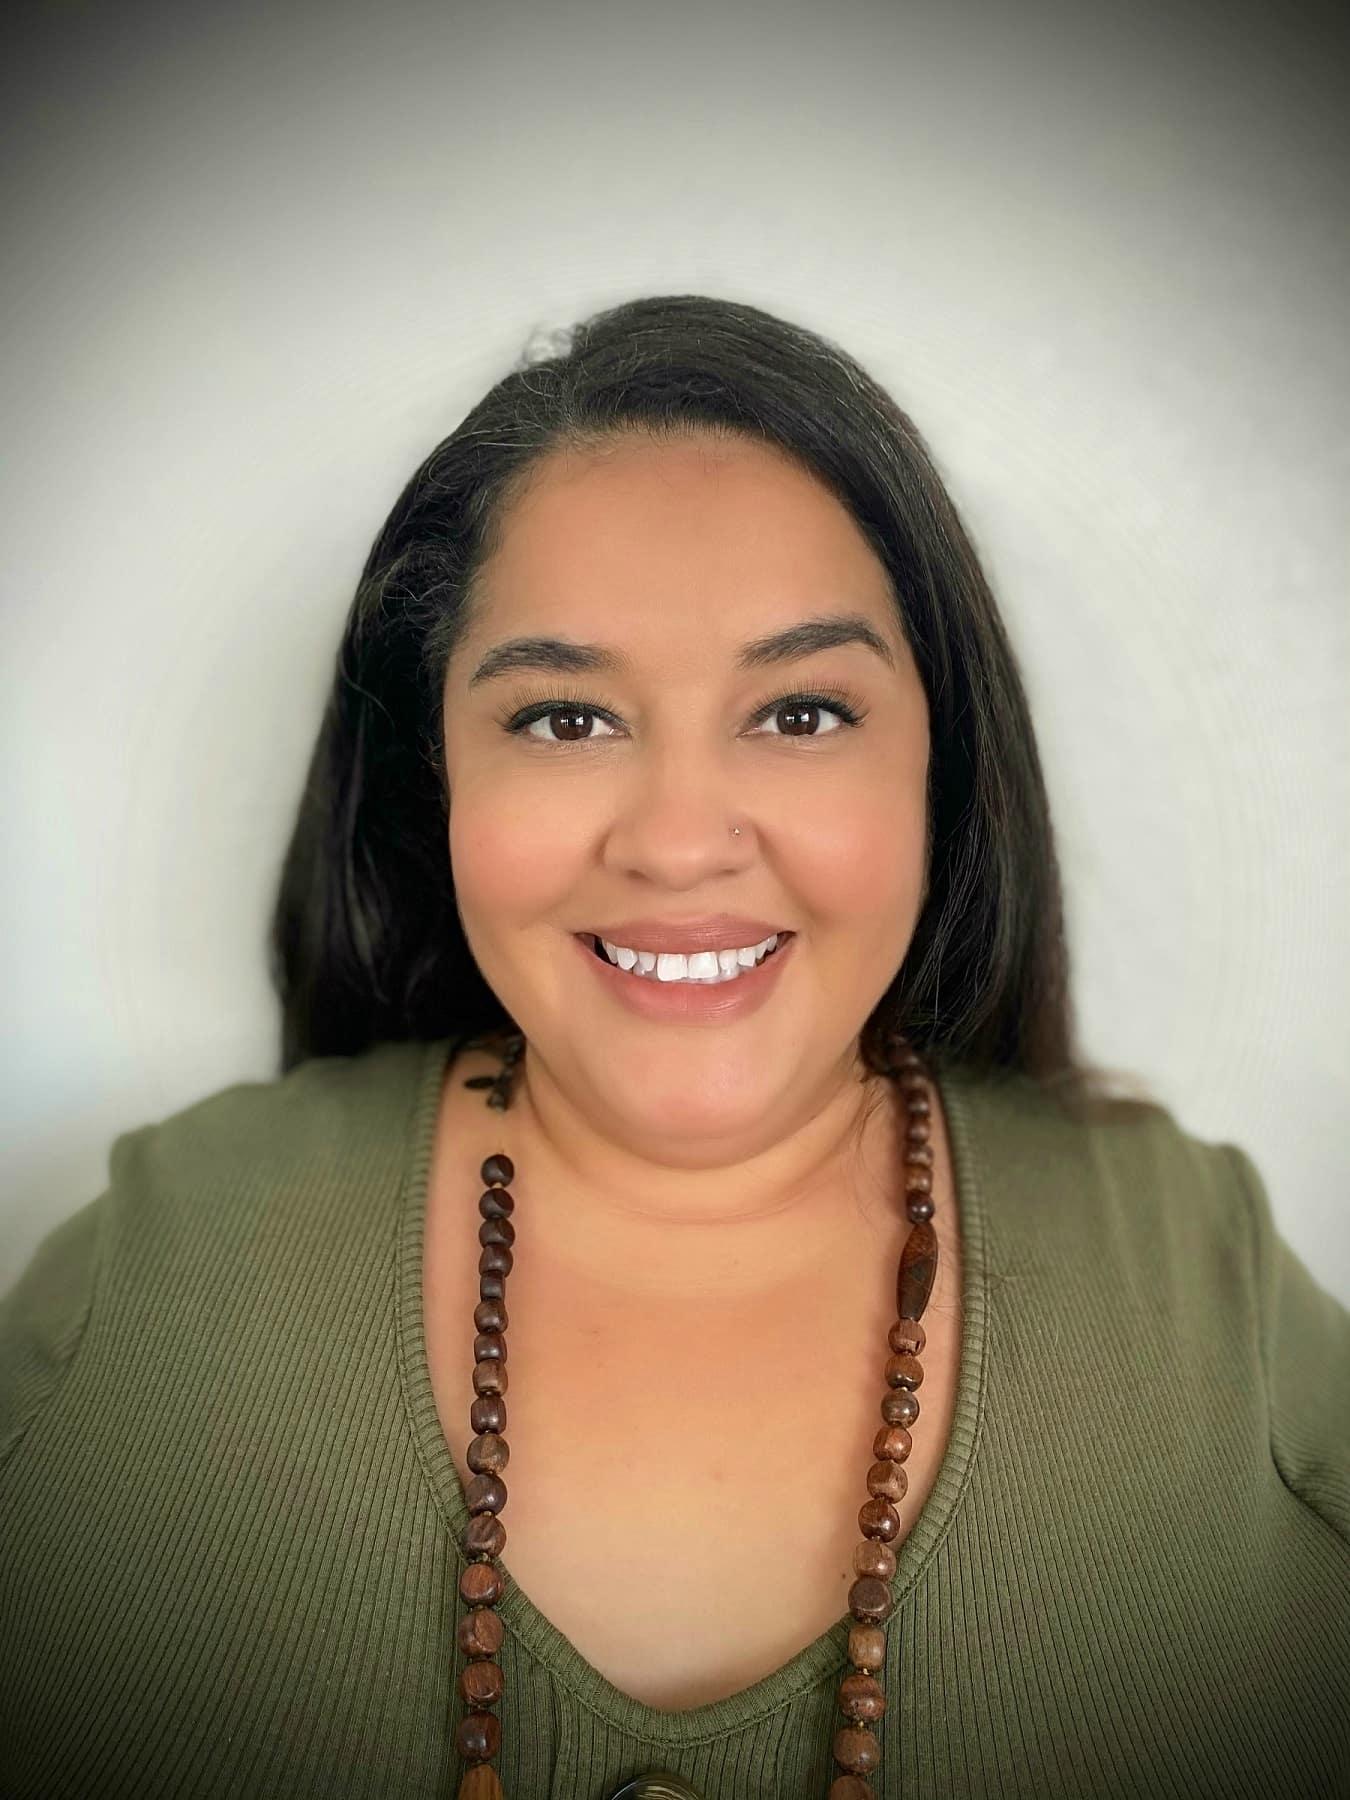 Vanessa Ramos-Reyes